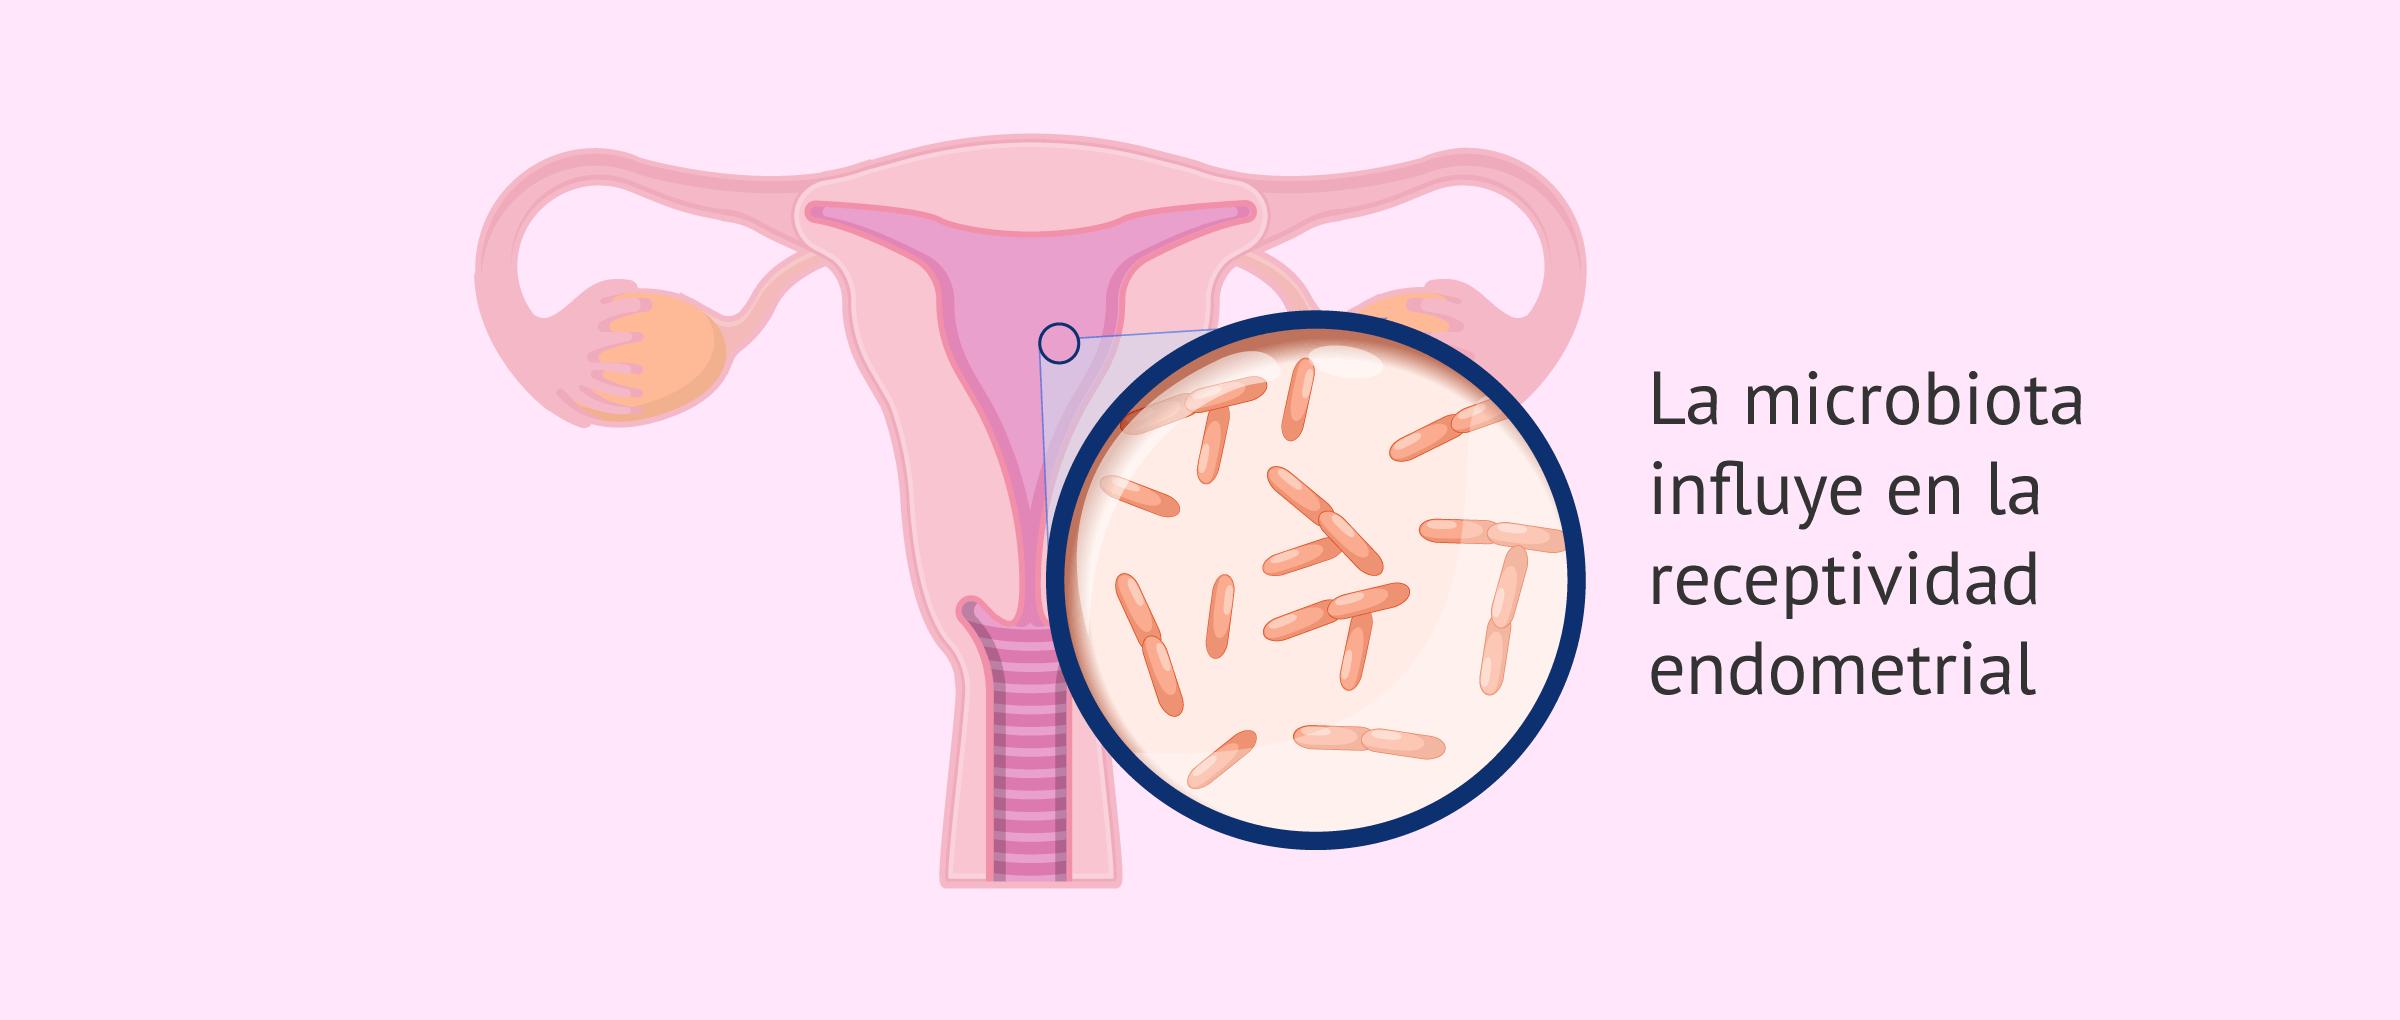 ¿Cómo influye la microbiota en la fertilidad?